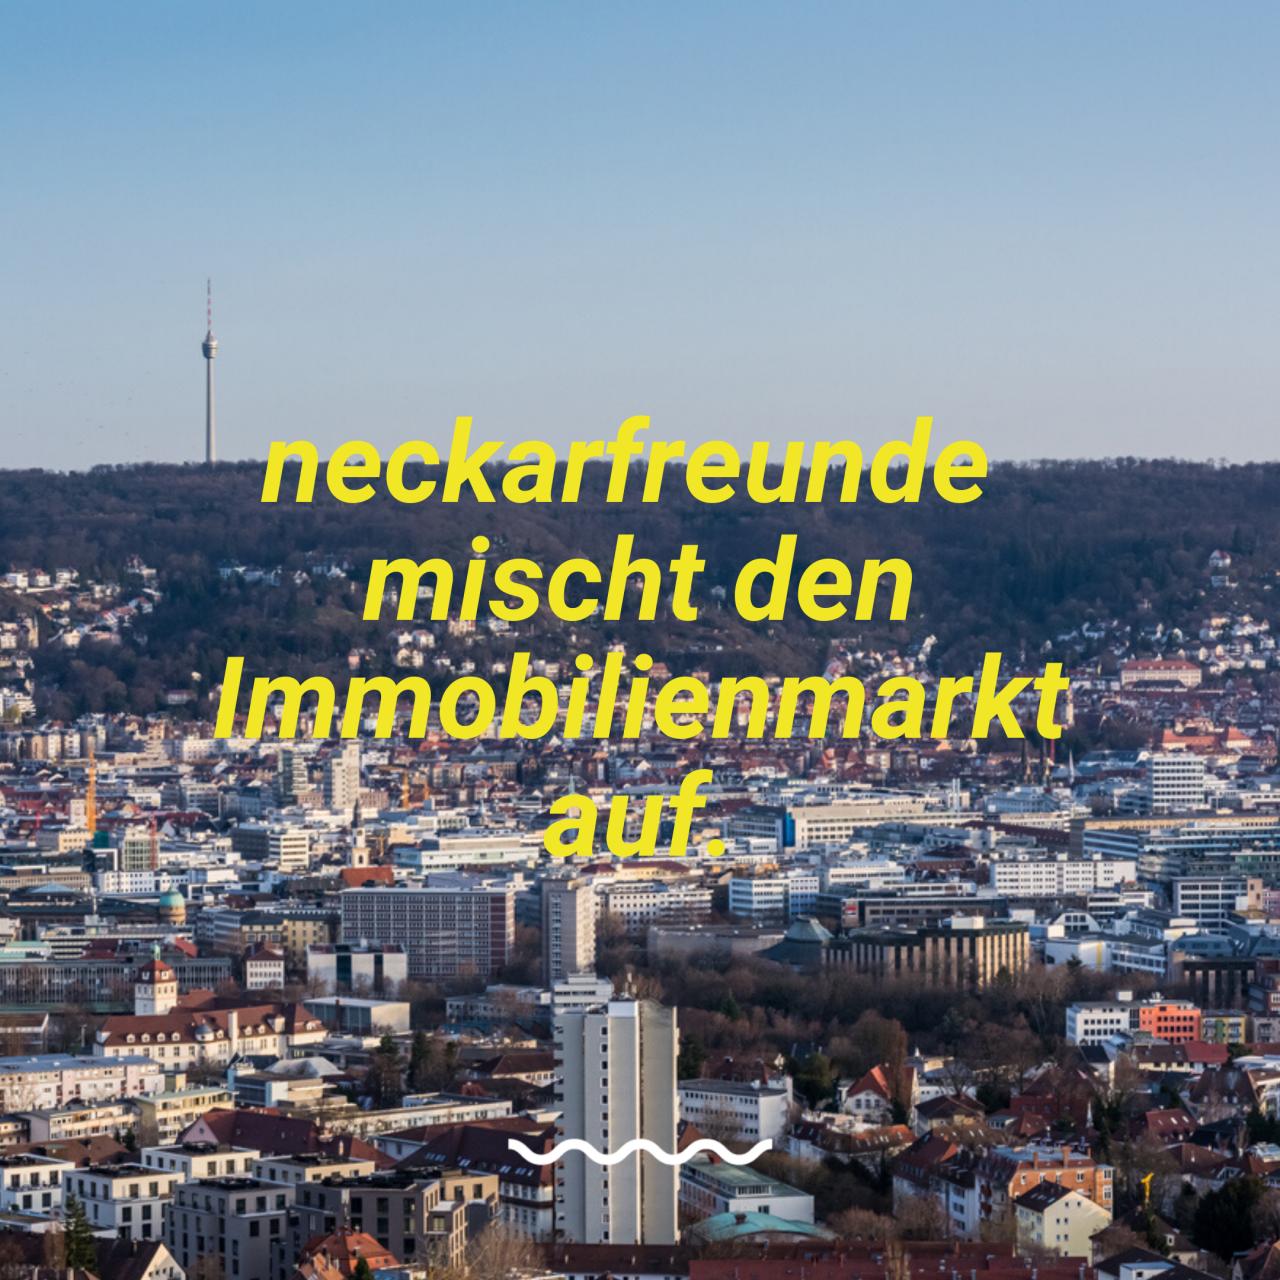 Bild Skyline von Stuttgart mit Fernsehturm